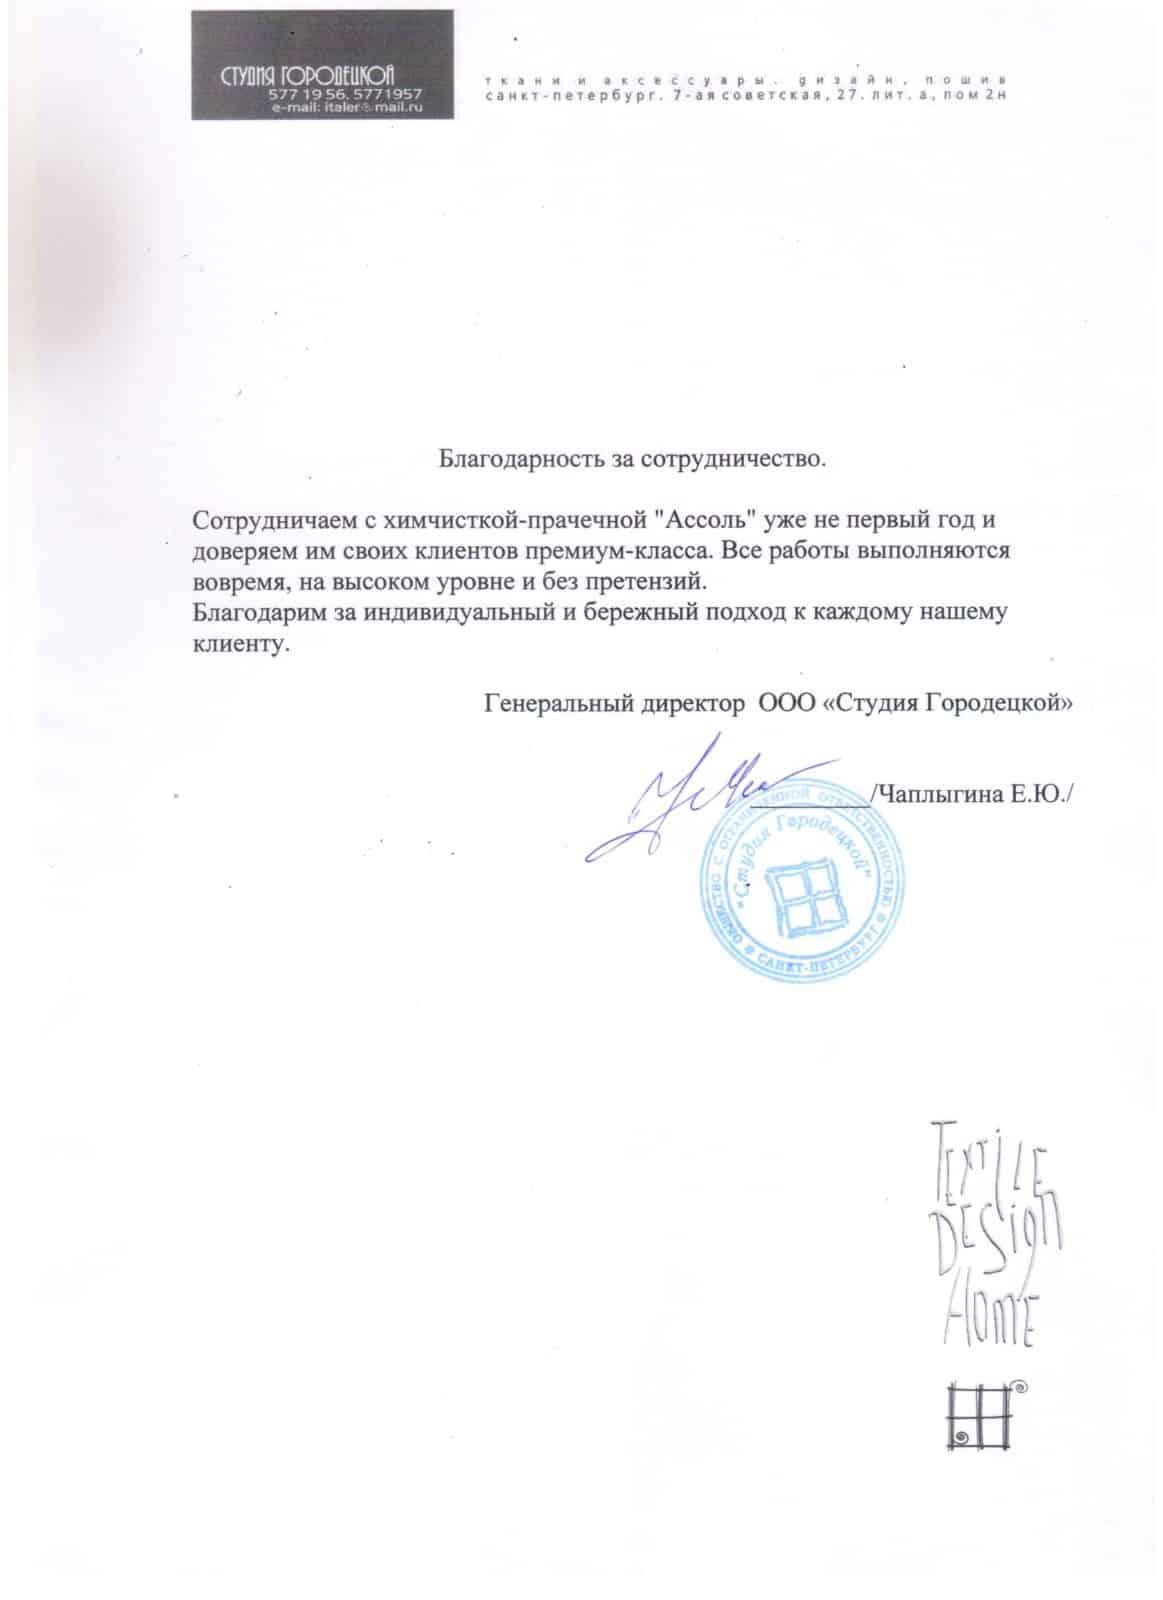 Отзыв от студии Городецкой